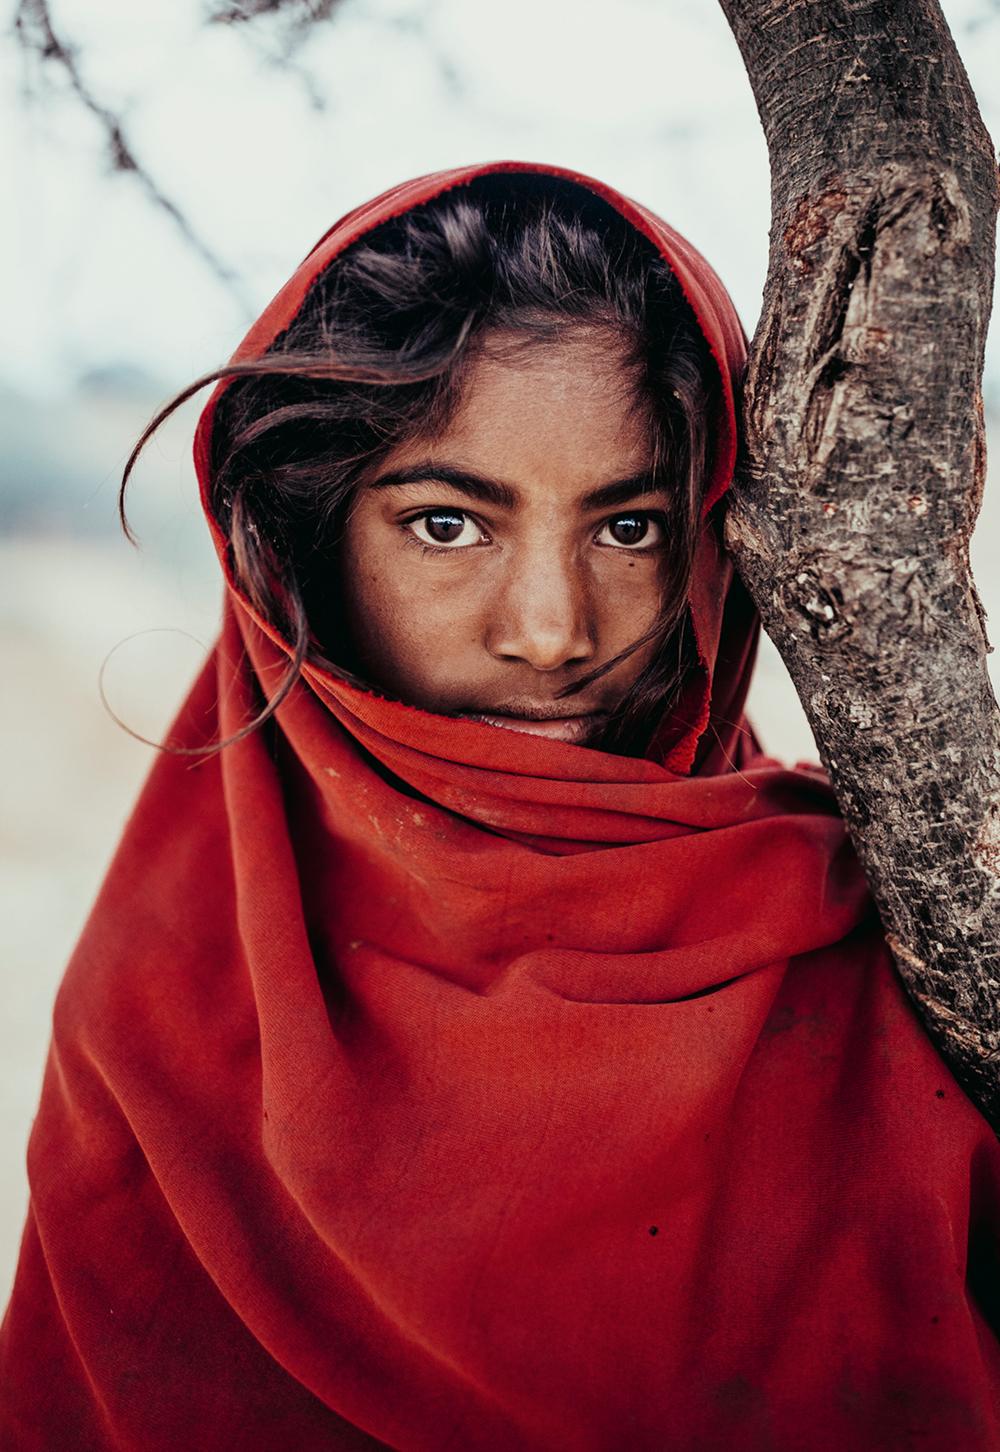 Kurze Begegnung mit der Tochter eines Schäfers am Stadtrand von Pushkar, India  Photo © 2019 Pie Aerts. All rights reserved.